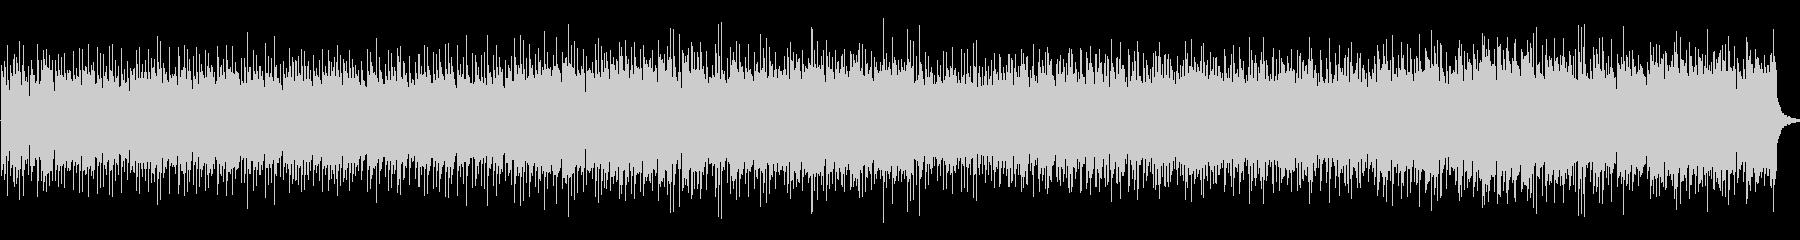 シンセとオーケストラのバトルBGMの未再生の波形